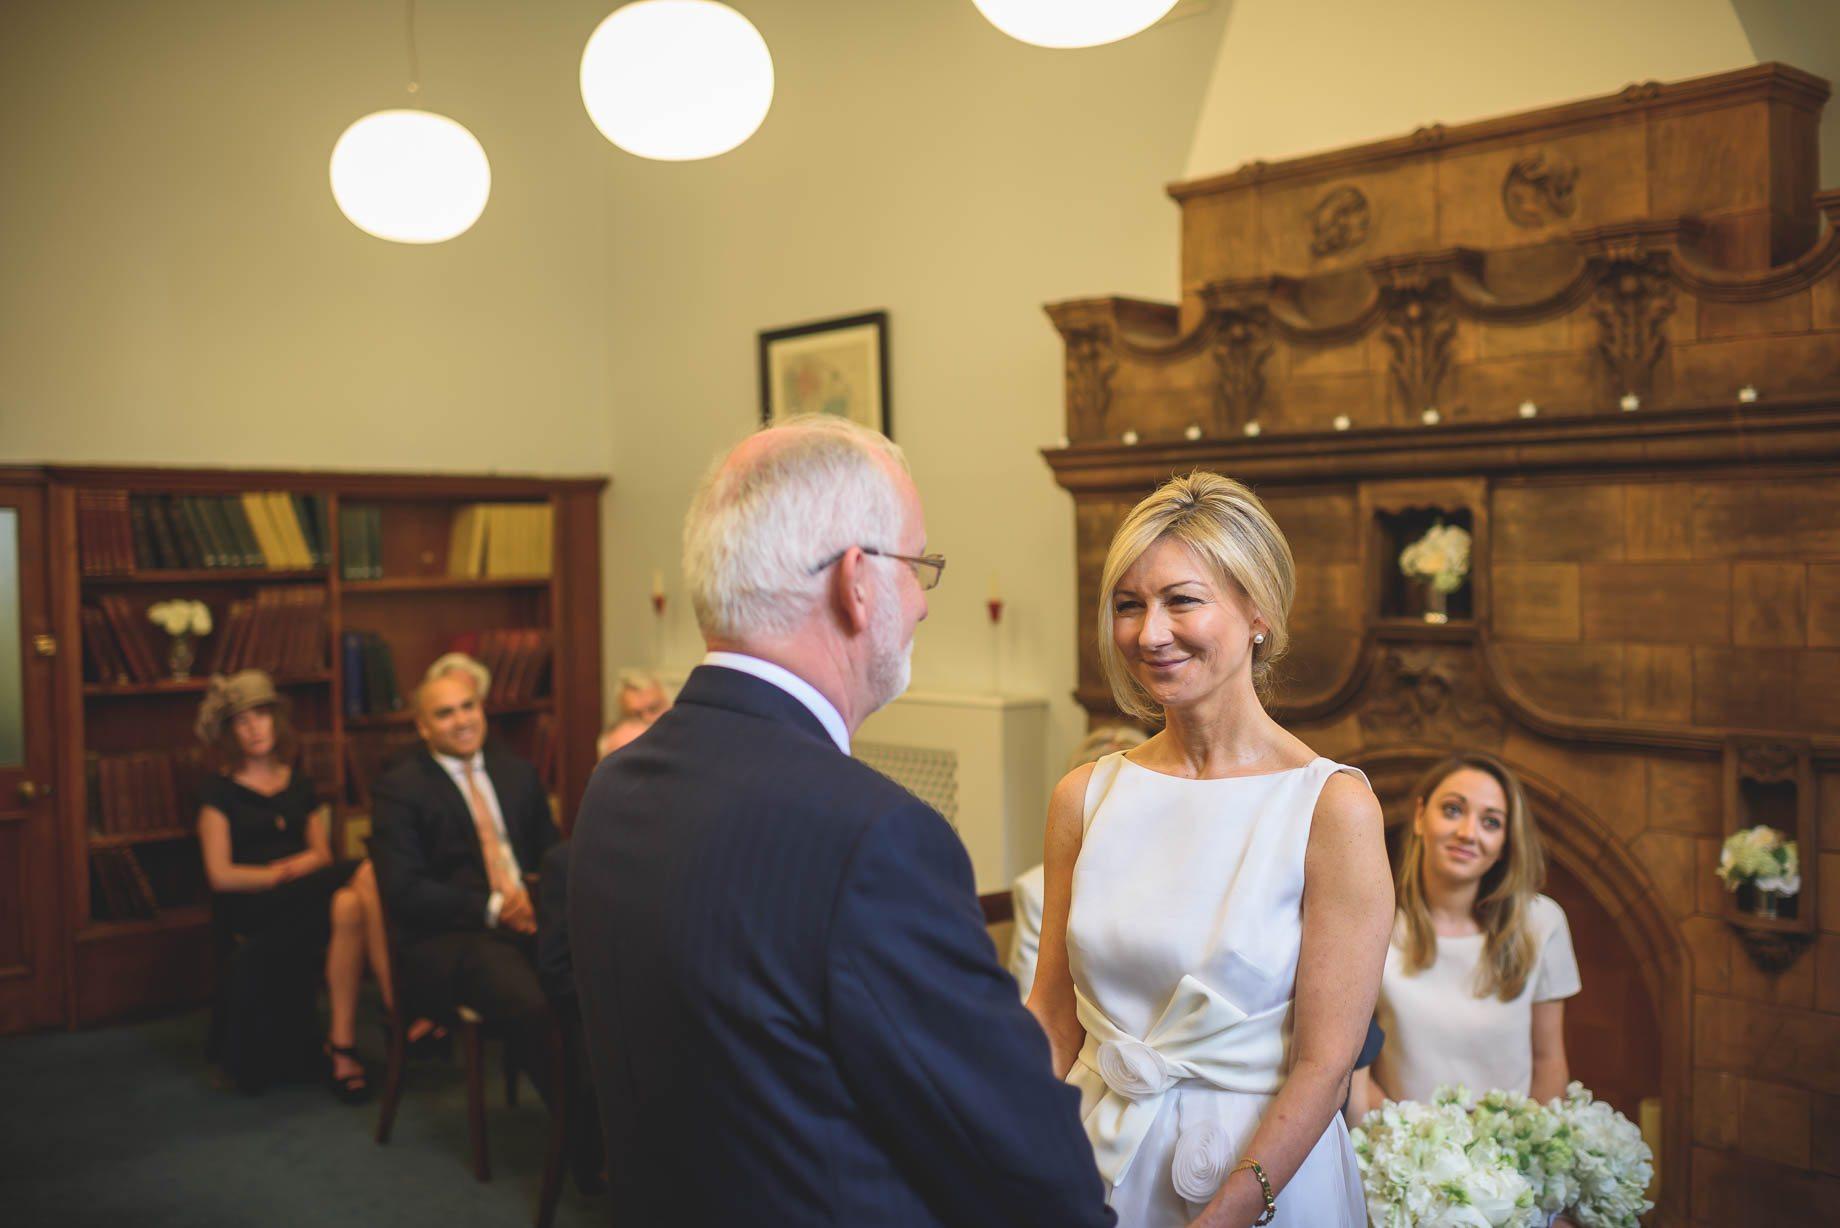 Mayfair wedding photography - Allison and Eugene (40 of 94)